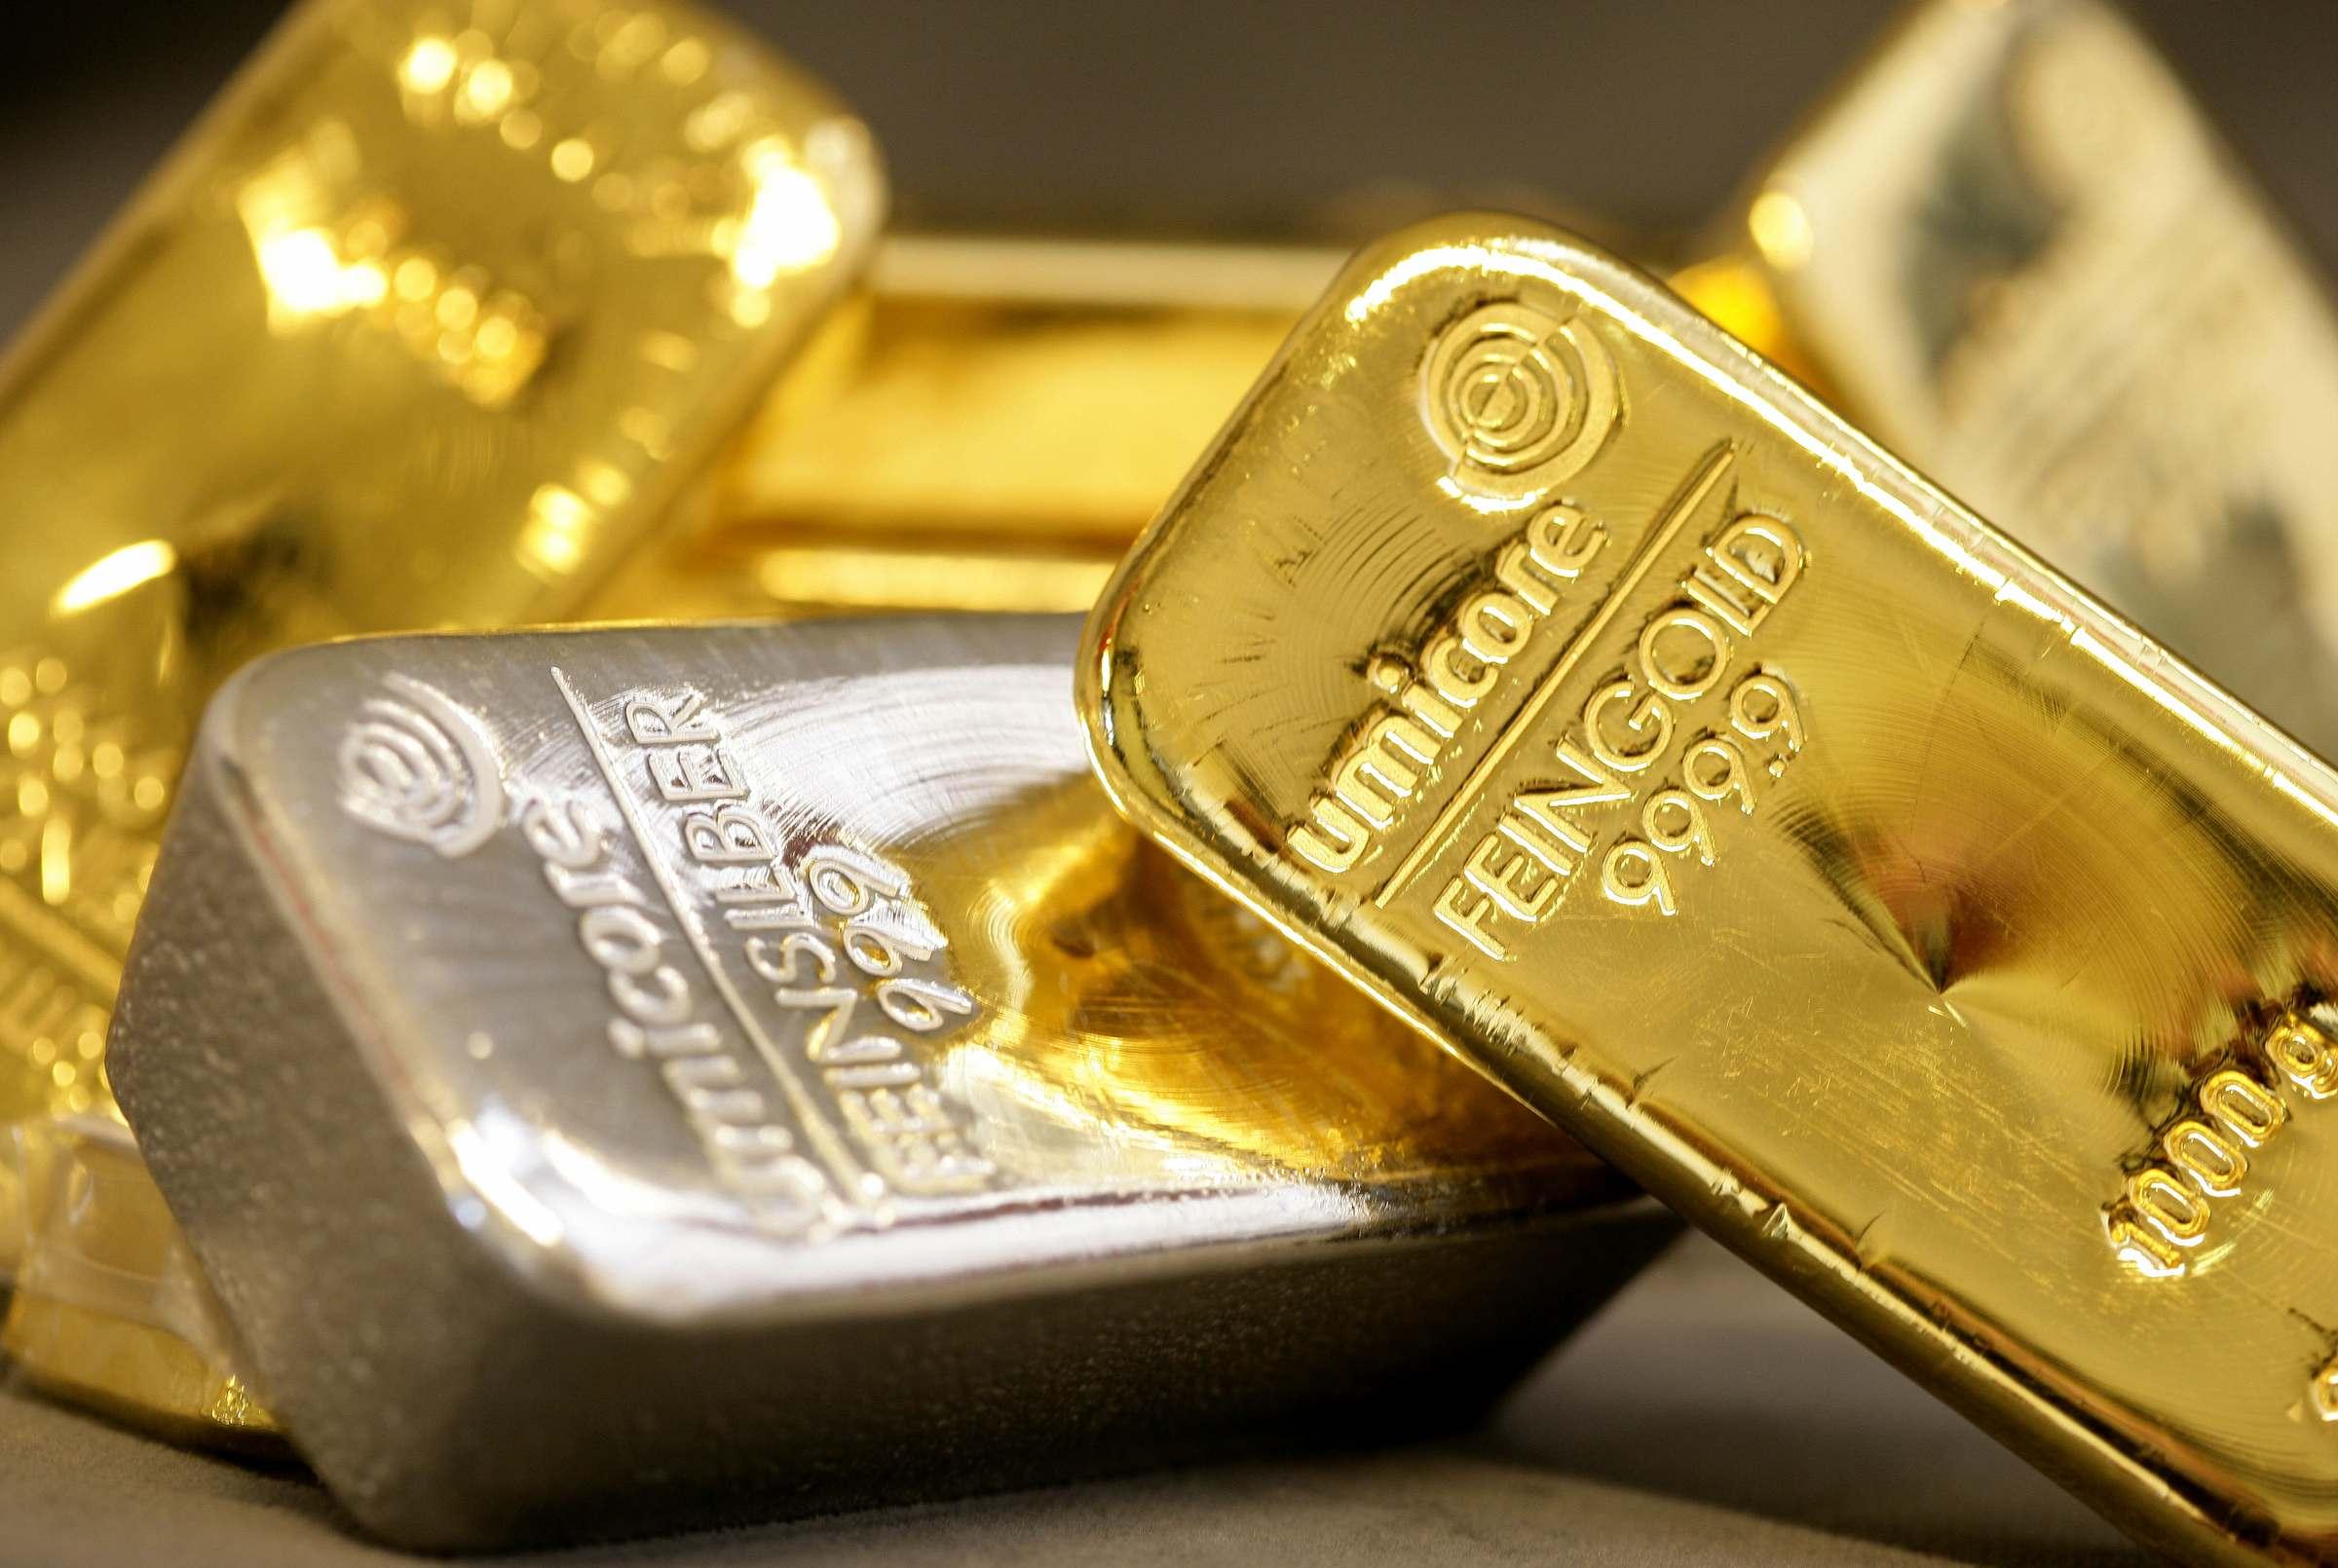 золотые слитки, скачать фото, обои для рабочего стола, gold